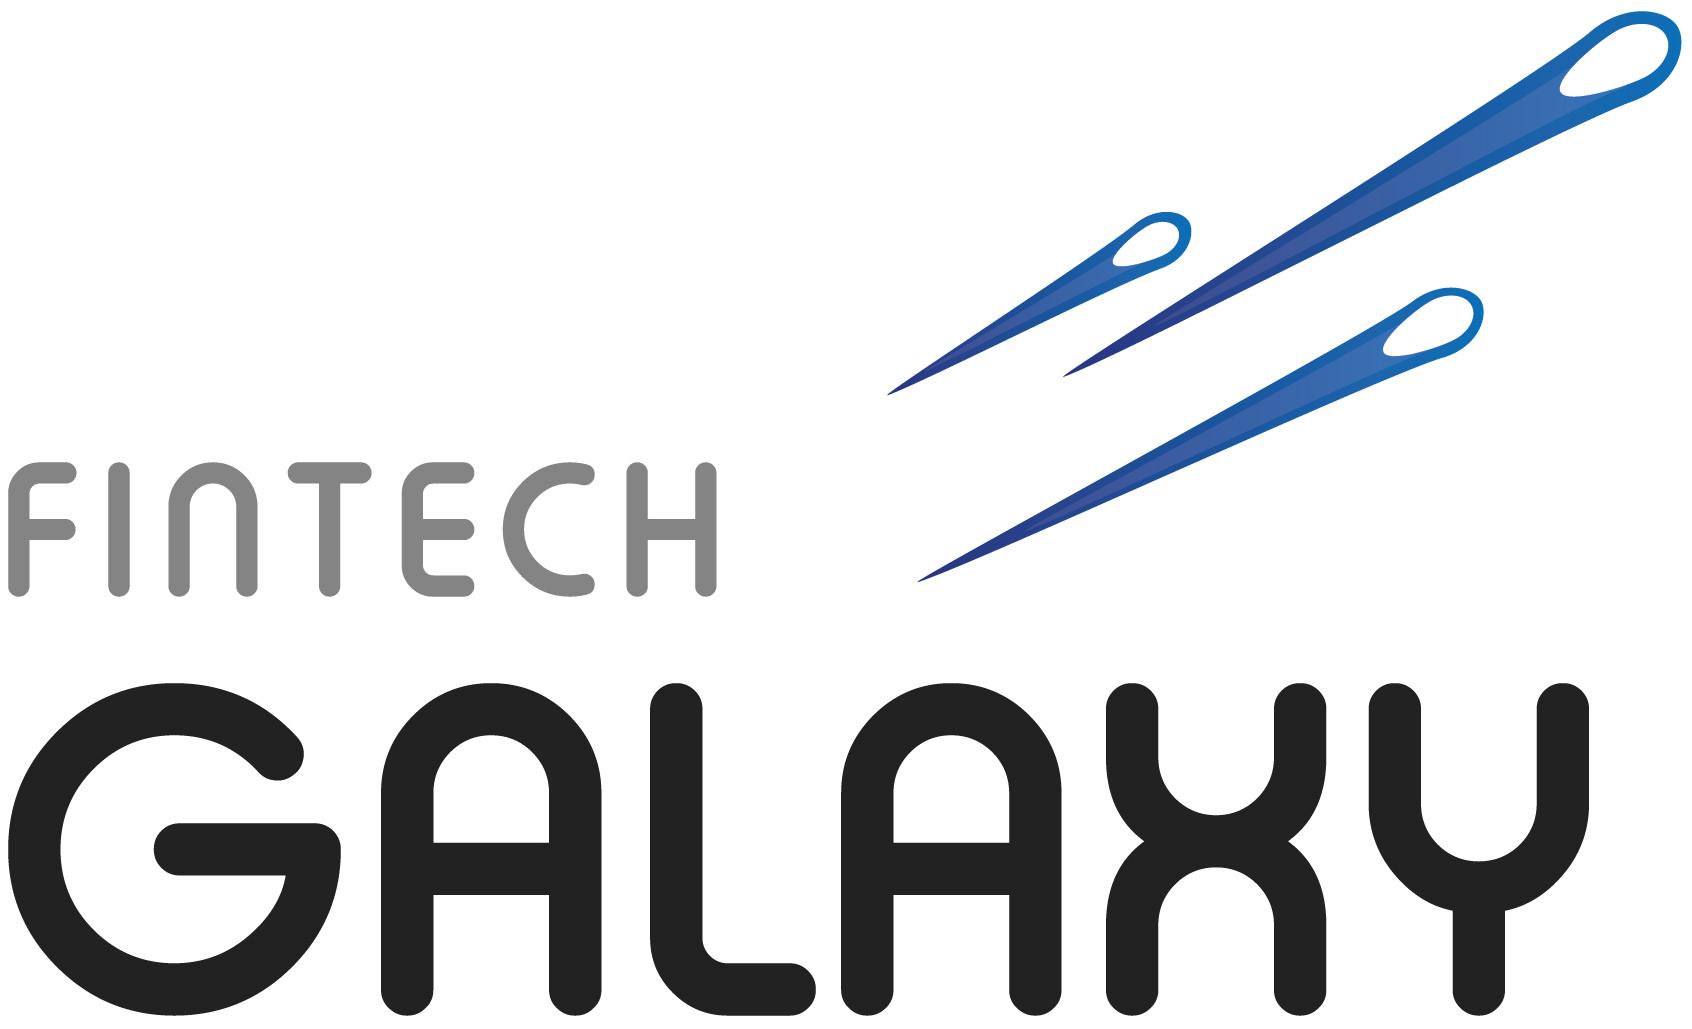 left logo image